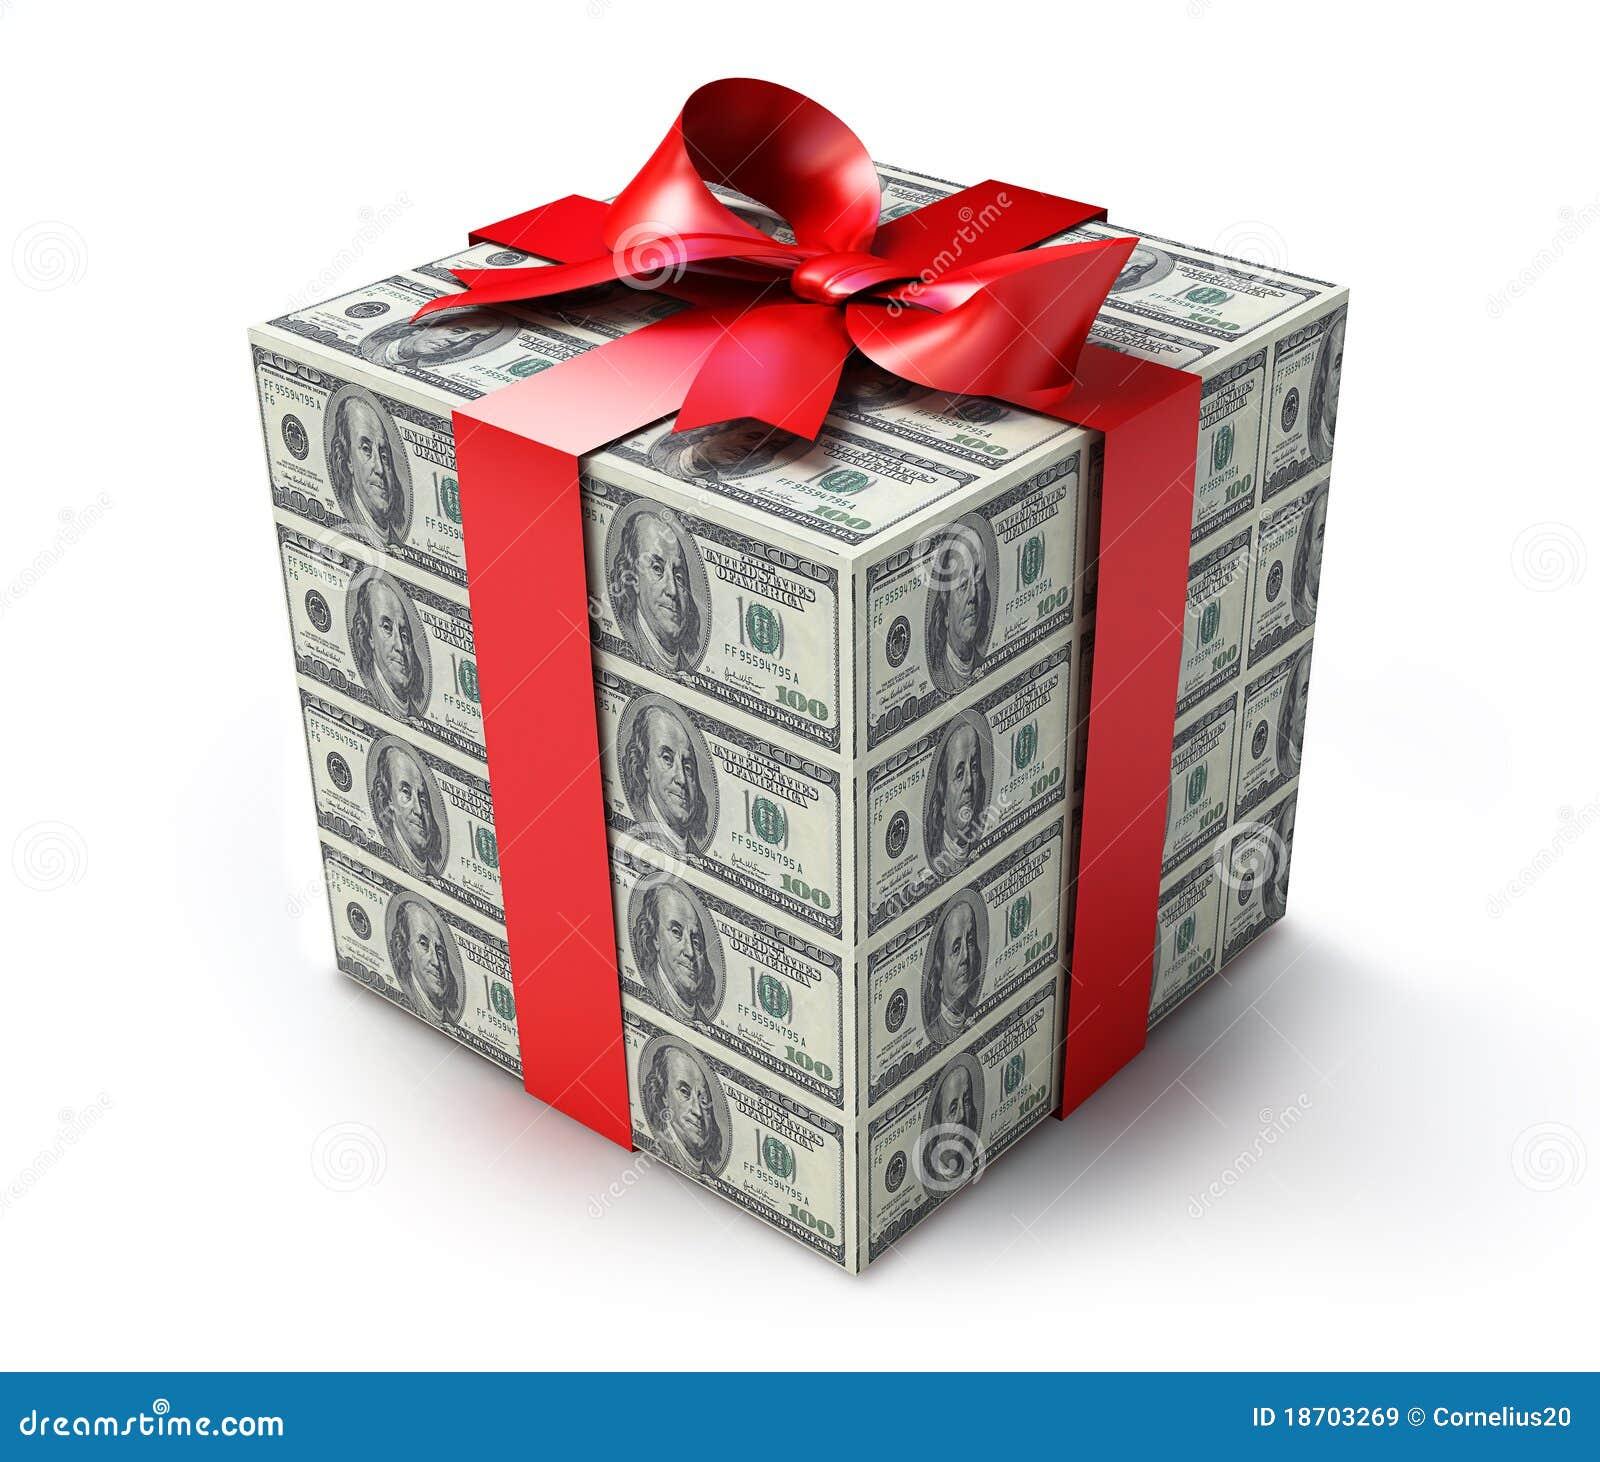 Как красиво оформить купюру в подарок